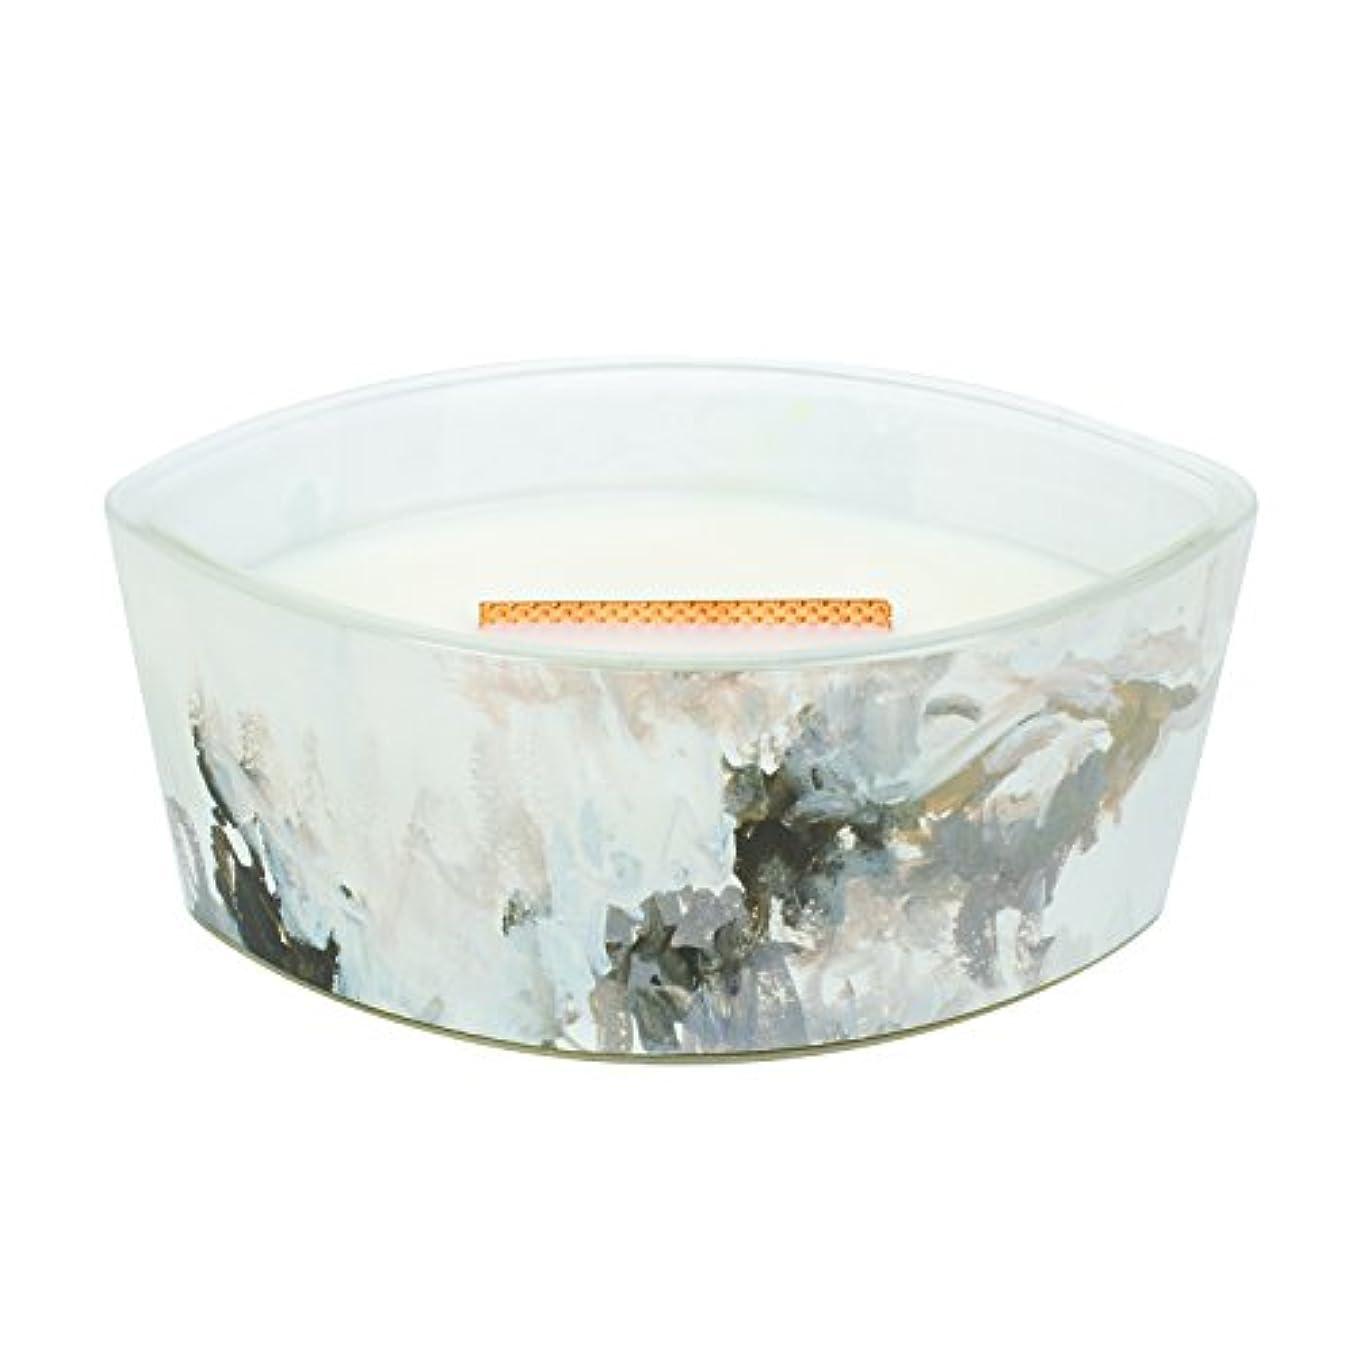 ペッカディロ肯定的聡明Honey Tabac – アーティザンコレクション楕円WoodWick香りつきJar Candle